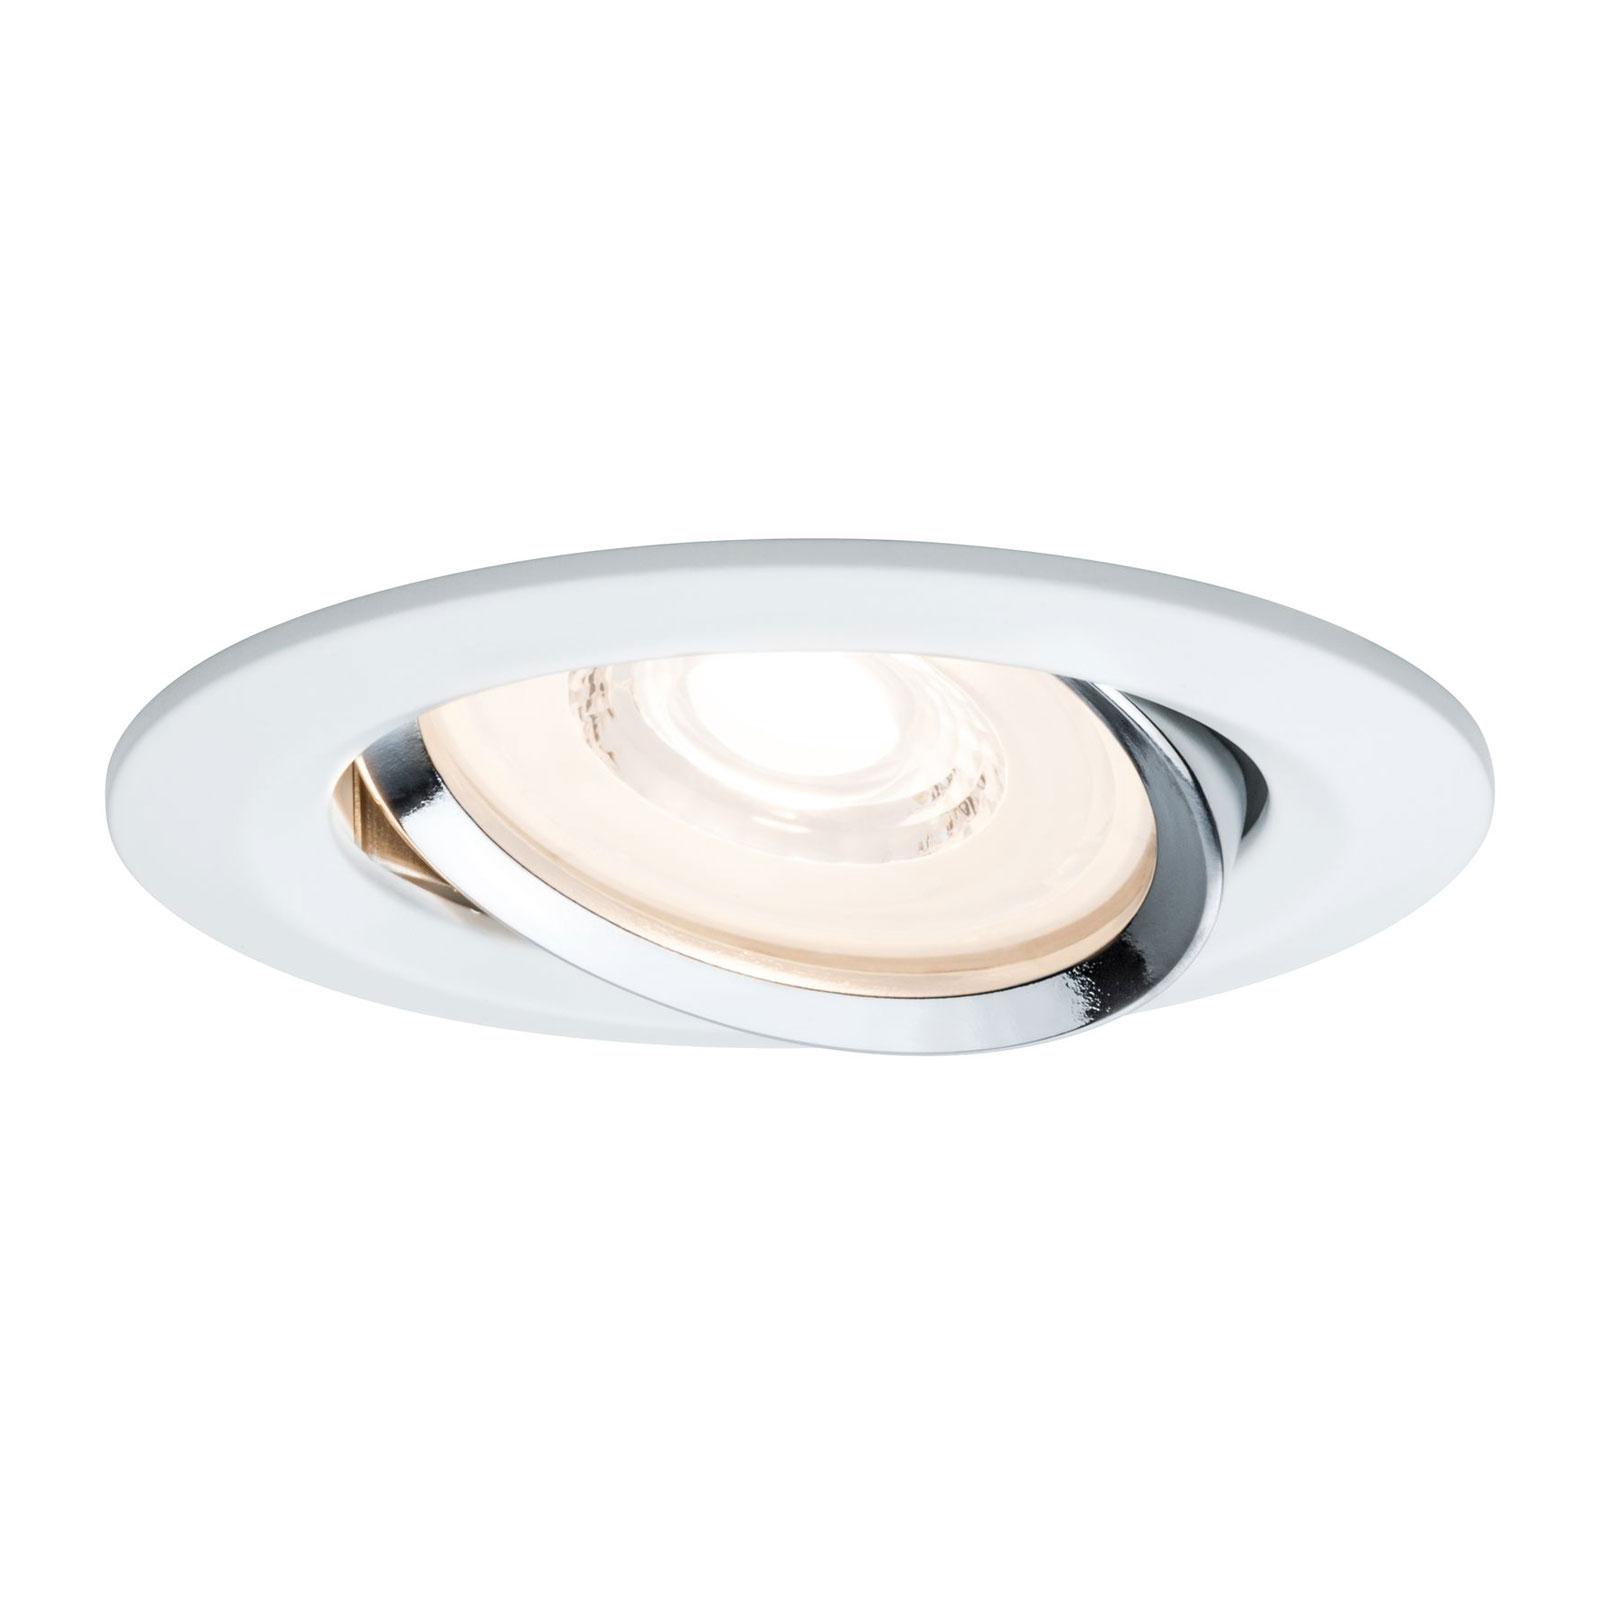 Paulmann Reflector Coin spot LED incasso, 3x Illuminazione per interni